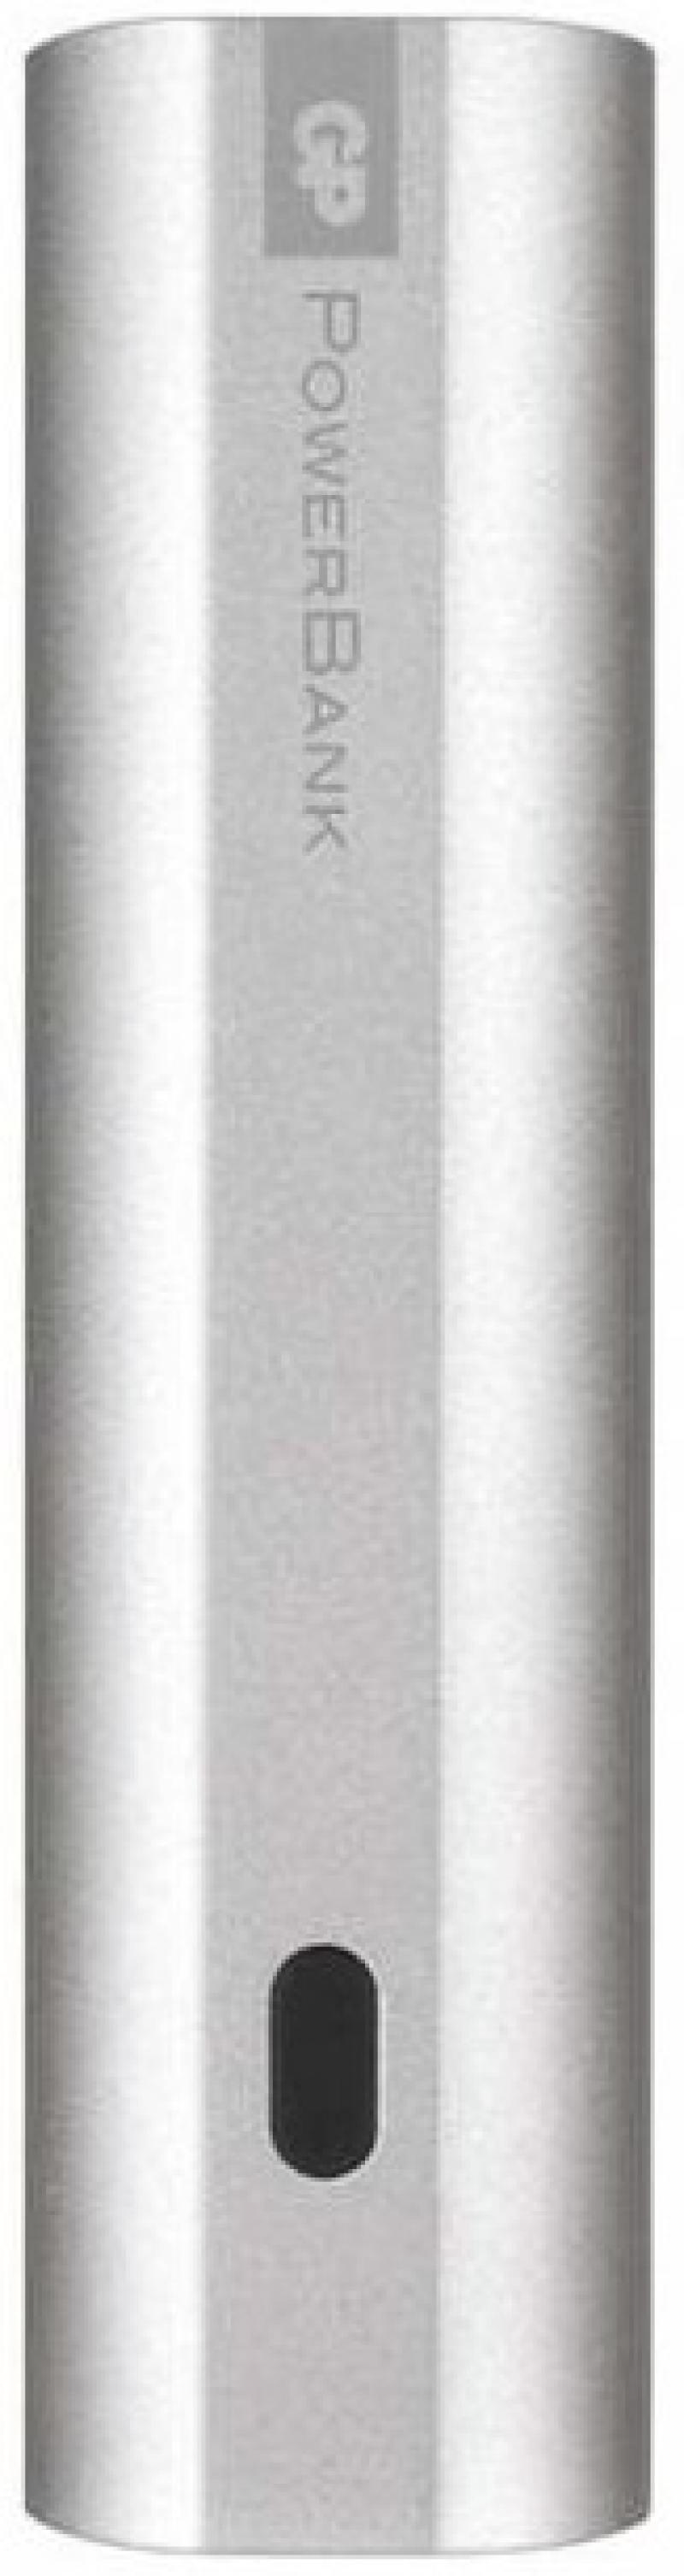 Внешний аккумулятор GP Portable PowerBank FN03M 3000mAh серебристый внешний аккумулятор gp portable powerbank fn03m 3000mah черный